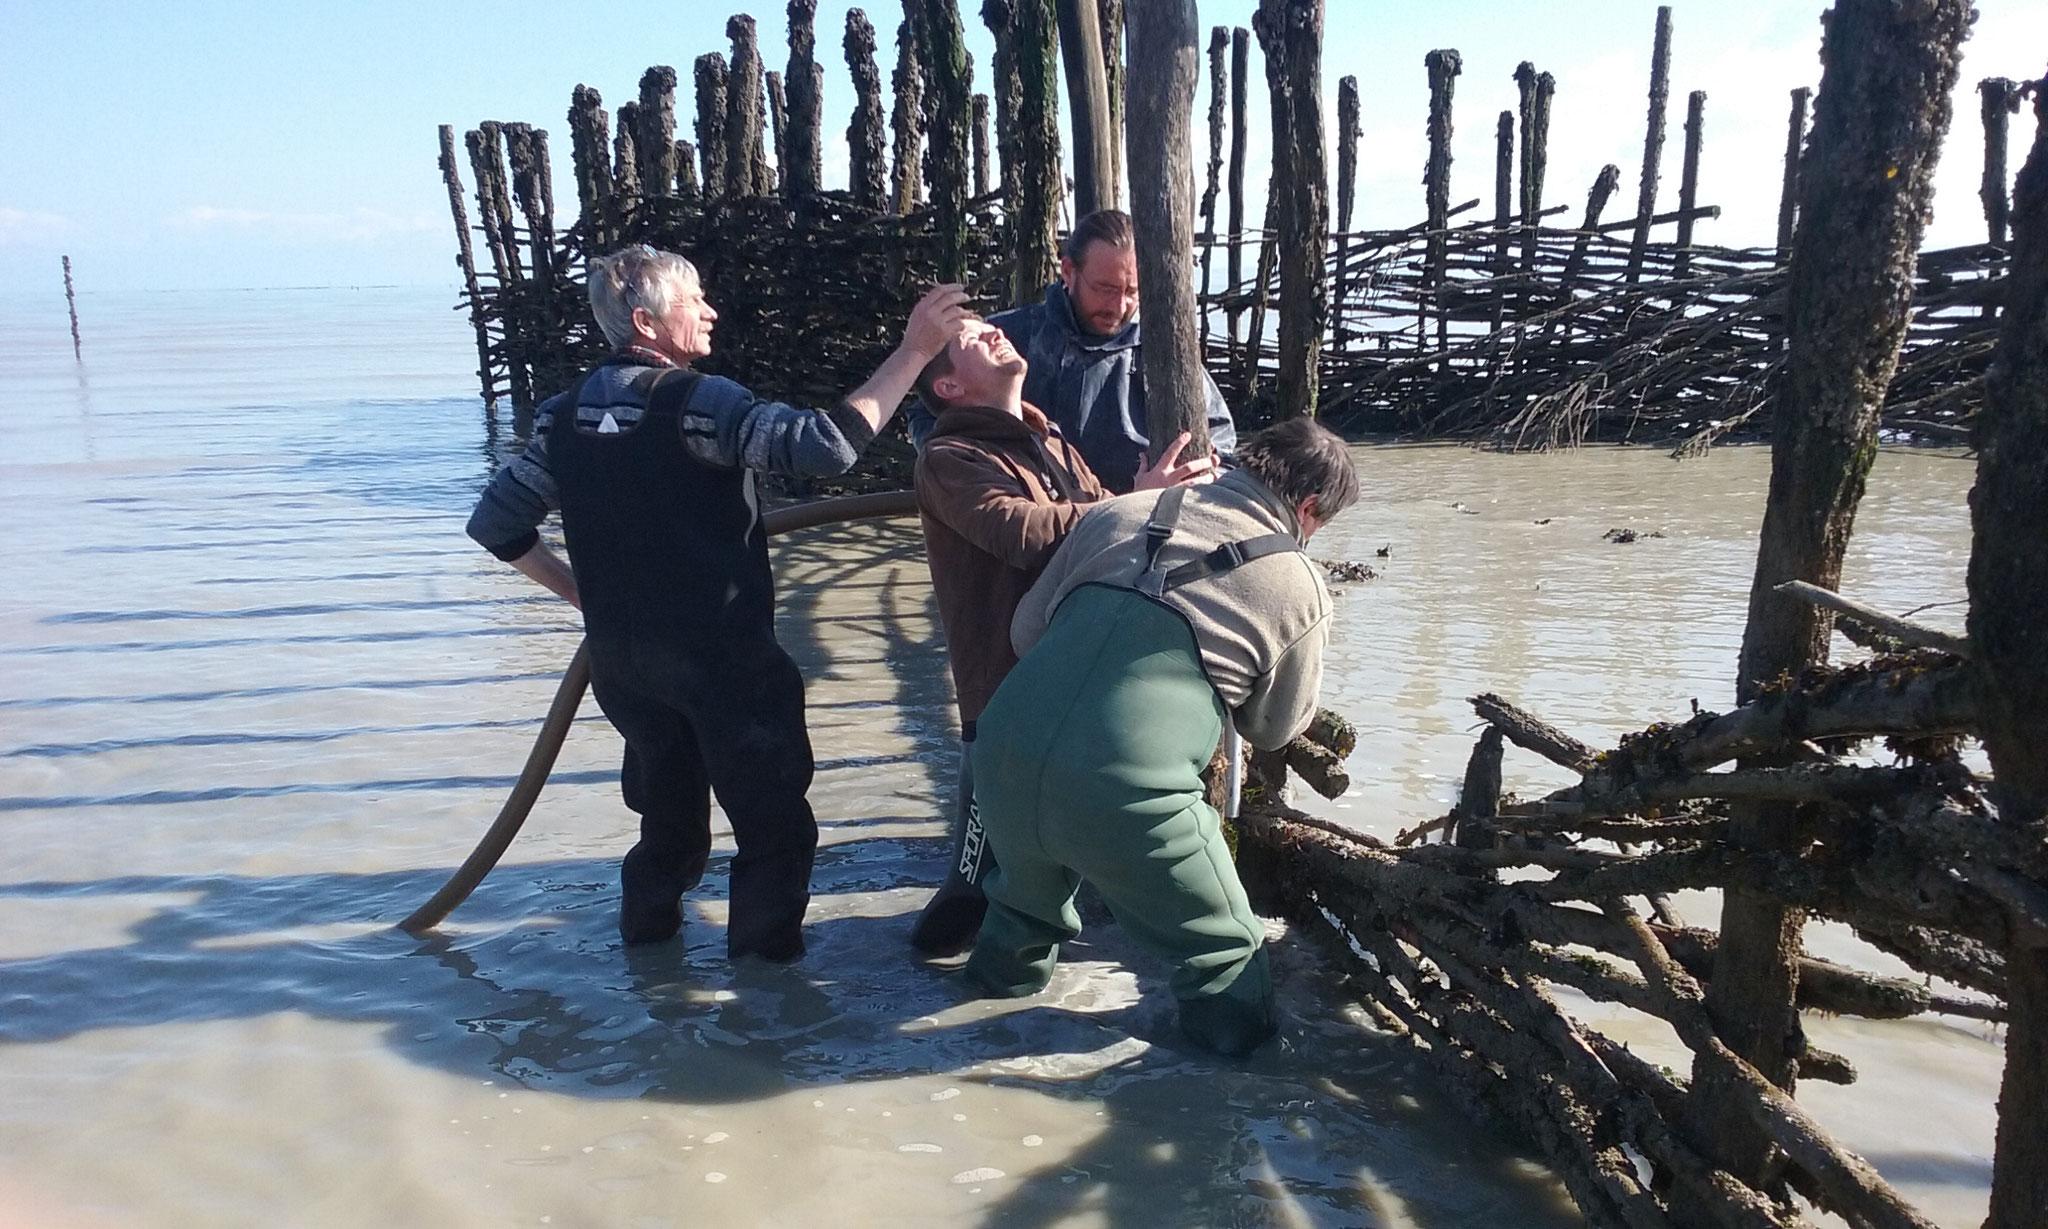 Restauration de la pêcherie (plantage de pieux)